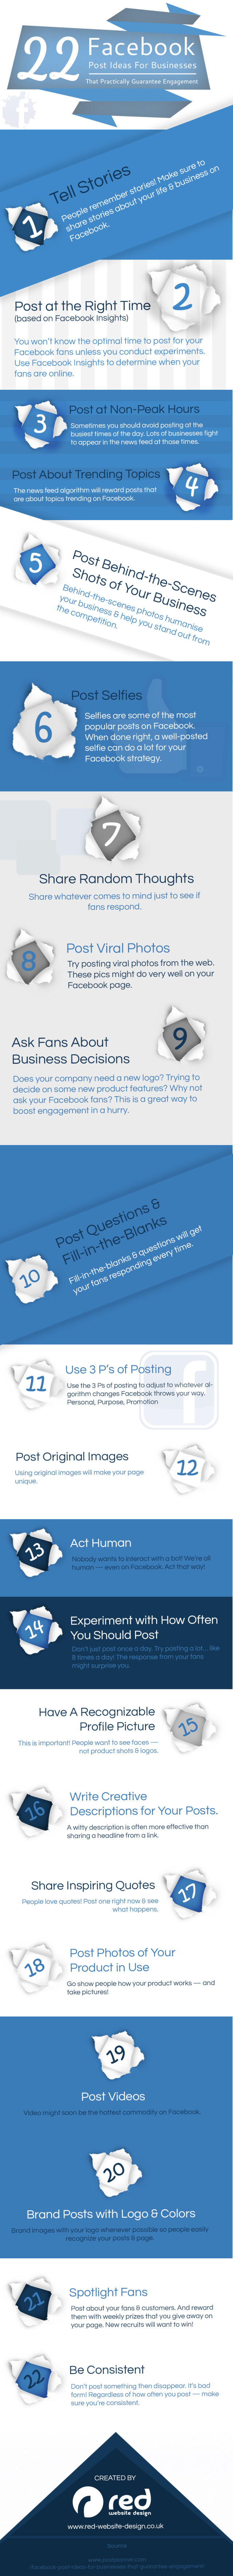 22 ideas de post para el FaceBook de tu empresa